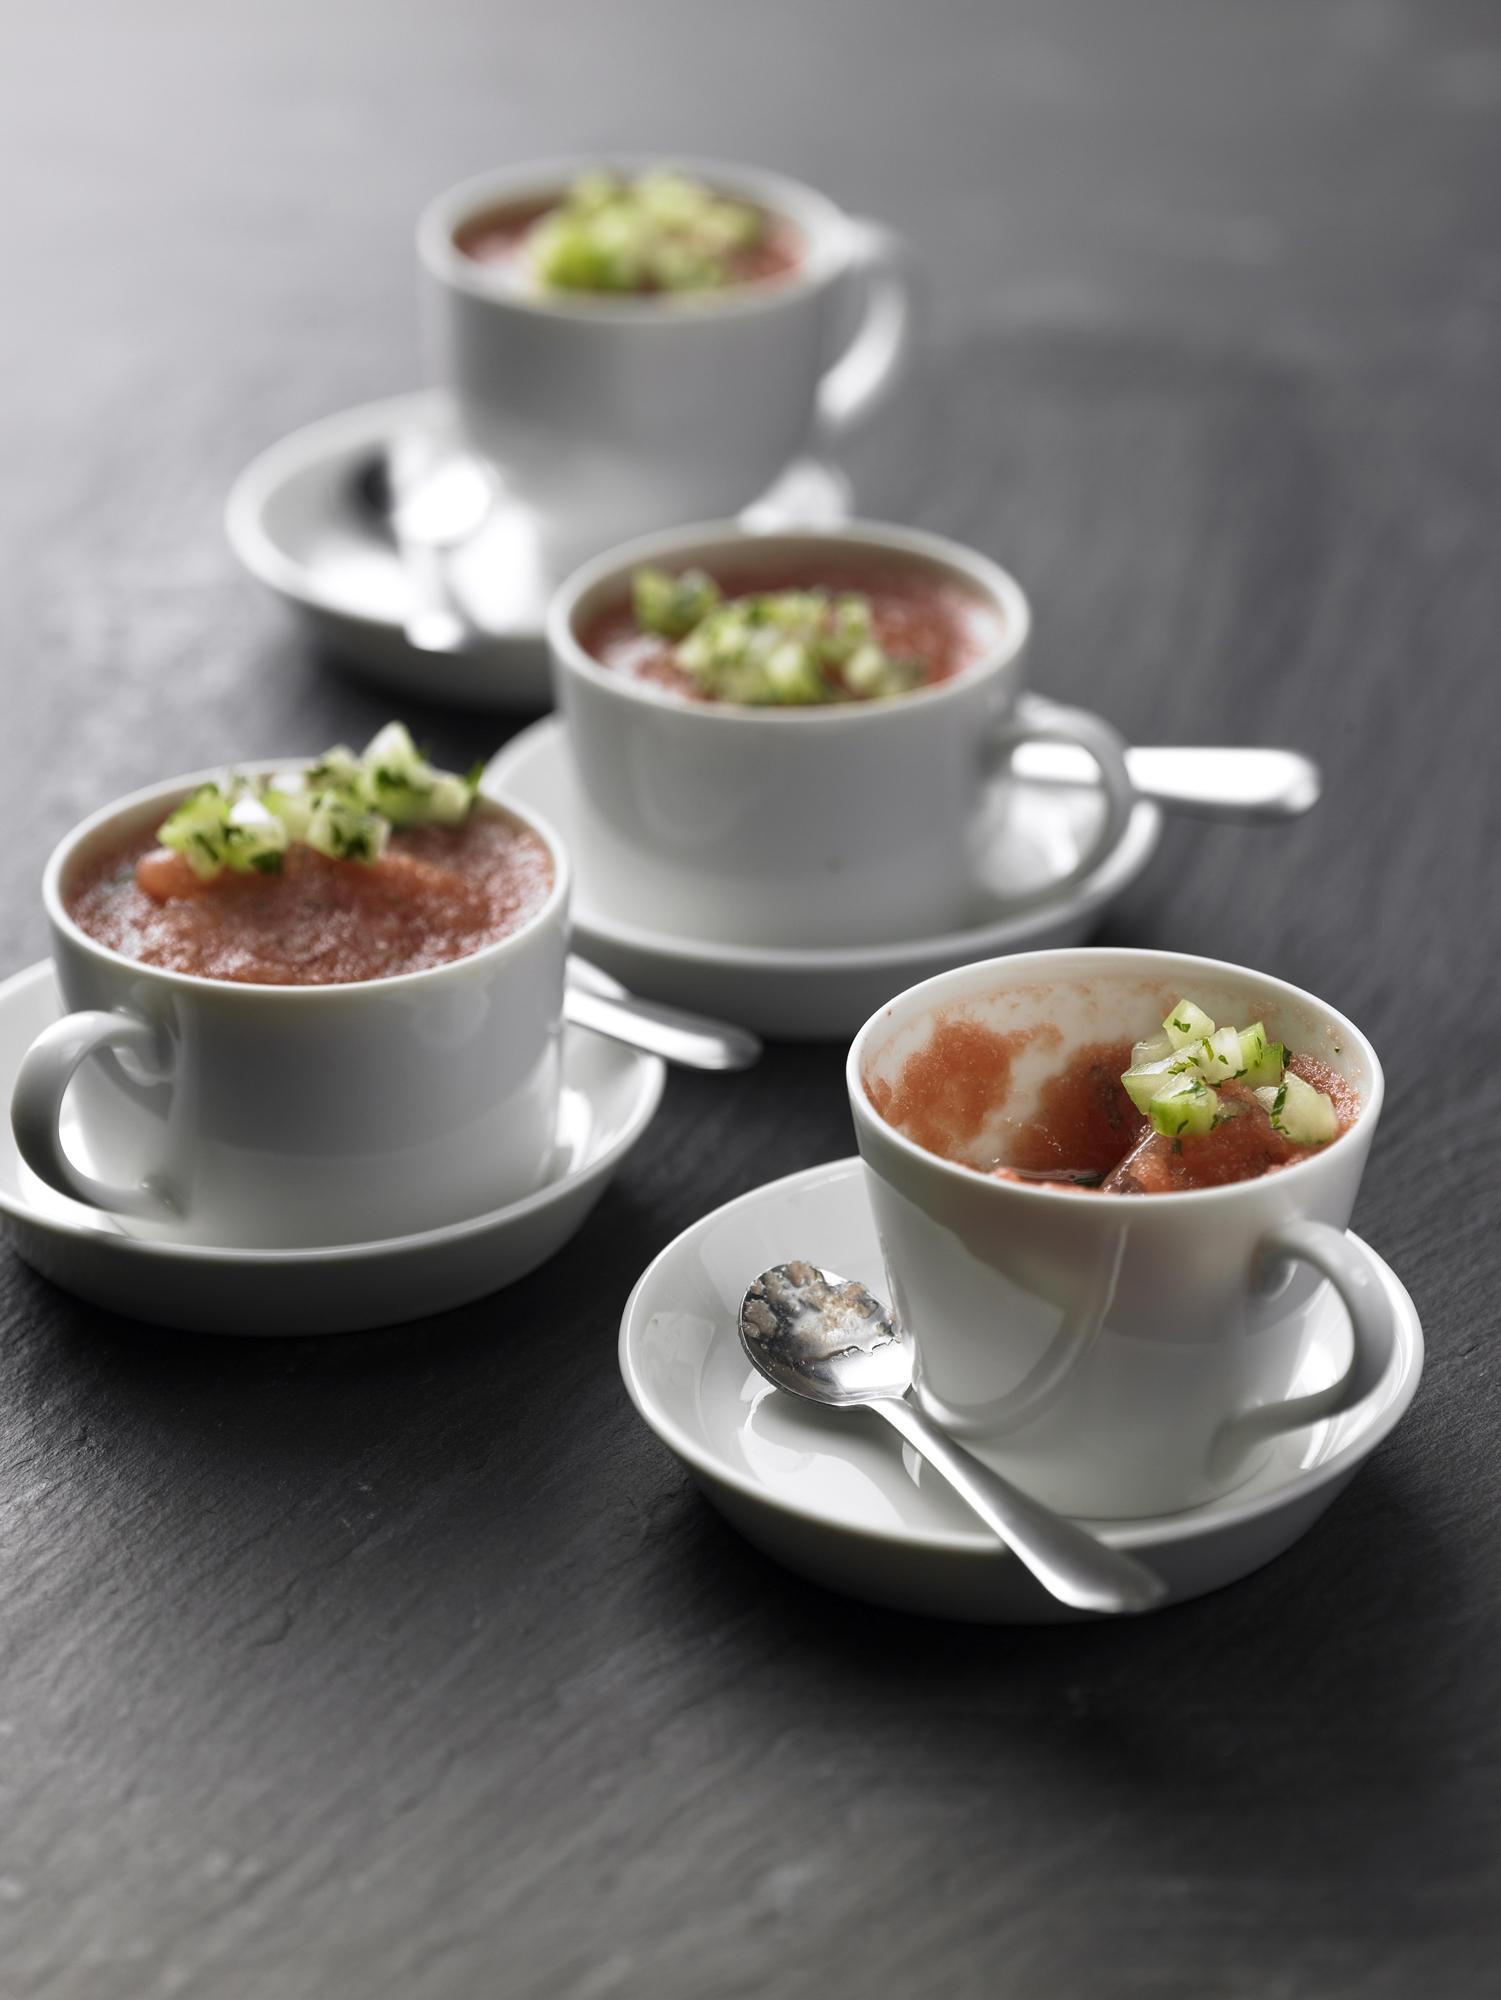 sommerk che gazpacho und co kalte suppe f r den sommer. Black Bedroom Furniture Sets. Home Design Ideas